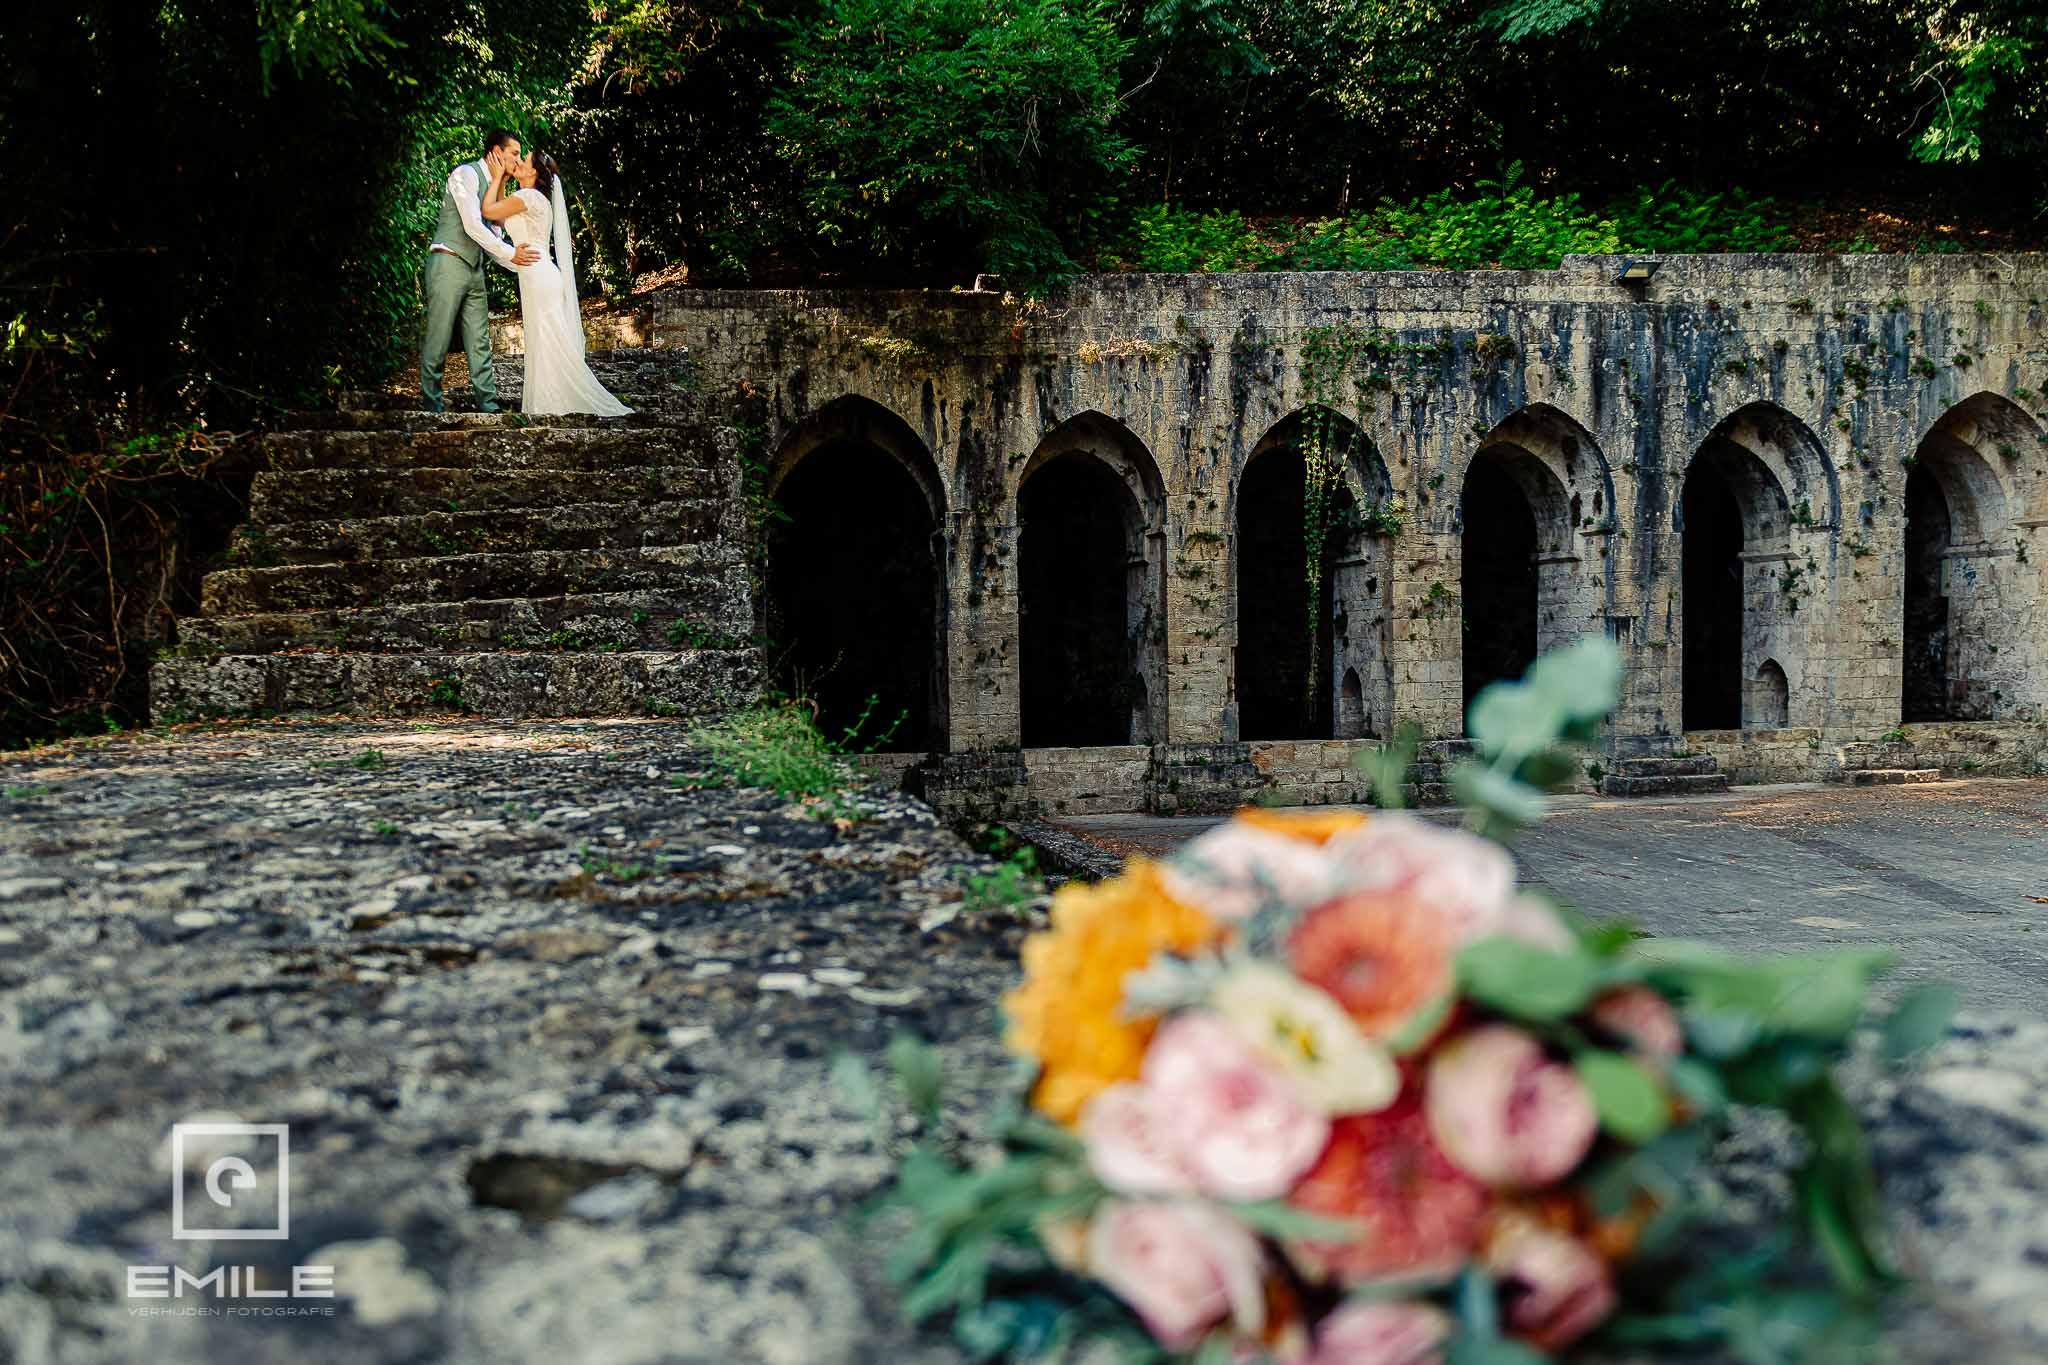 Bruidspaar geeft elkaar een kus bij de ruine van Poggibonsi - Destination wedding San Gimignano - Toscane Italie - Iris en Job